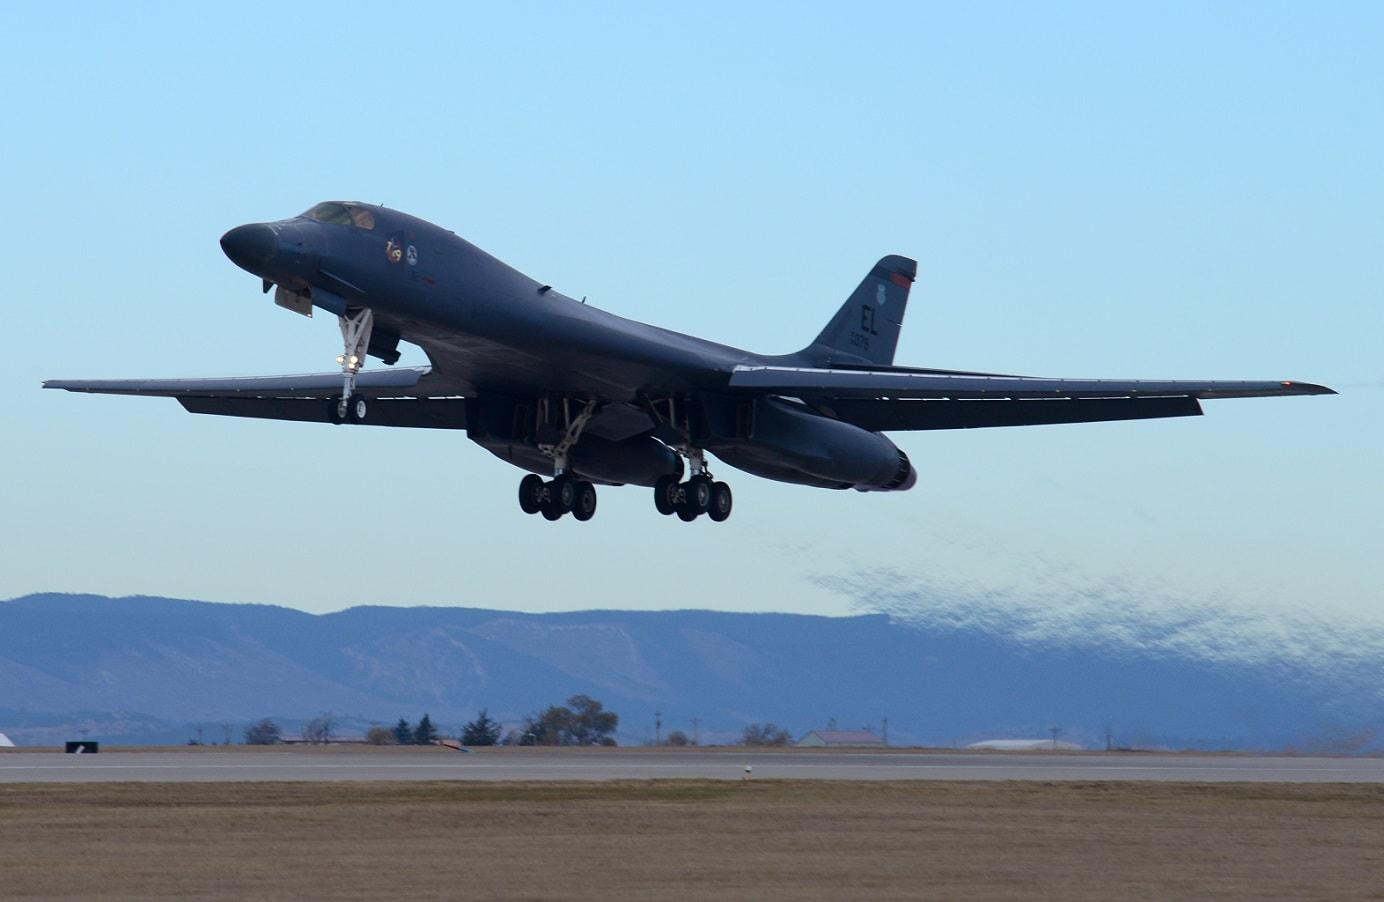 美军计划为B-1B轰炸机升级高超音速导弹发射能力